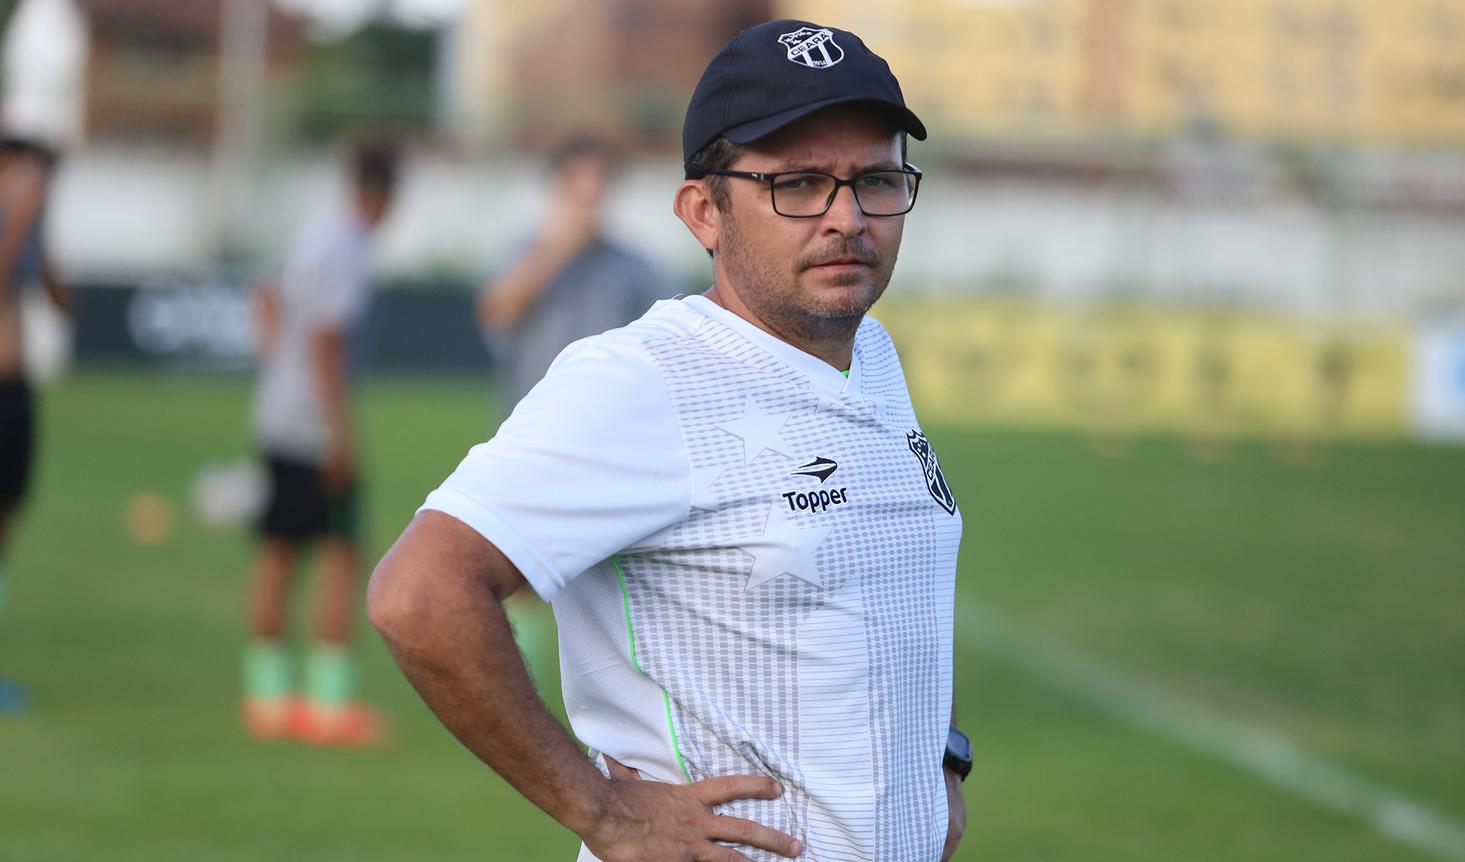 """Erisson Matias: """"Vamos ter jogos difíceis, adversários complicados, mas o nosso dever é preparar os atletas para atingirem a vitória""""."""